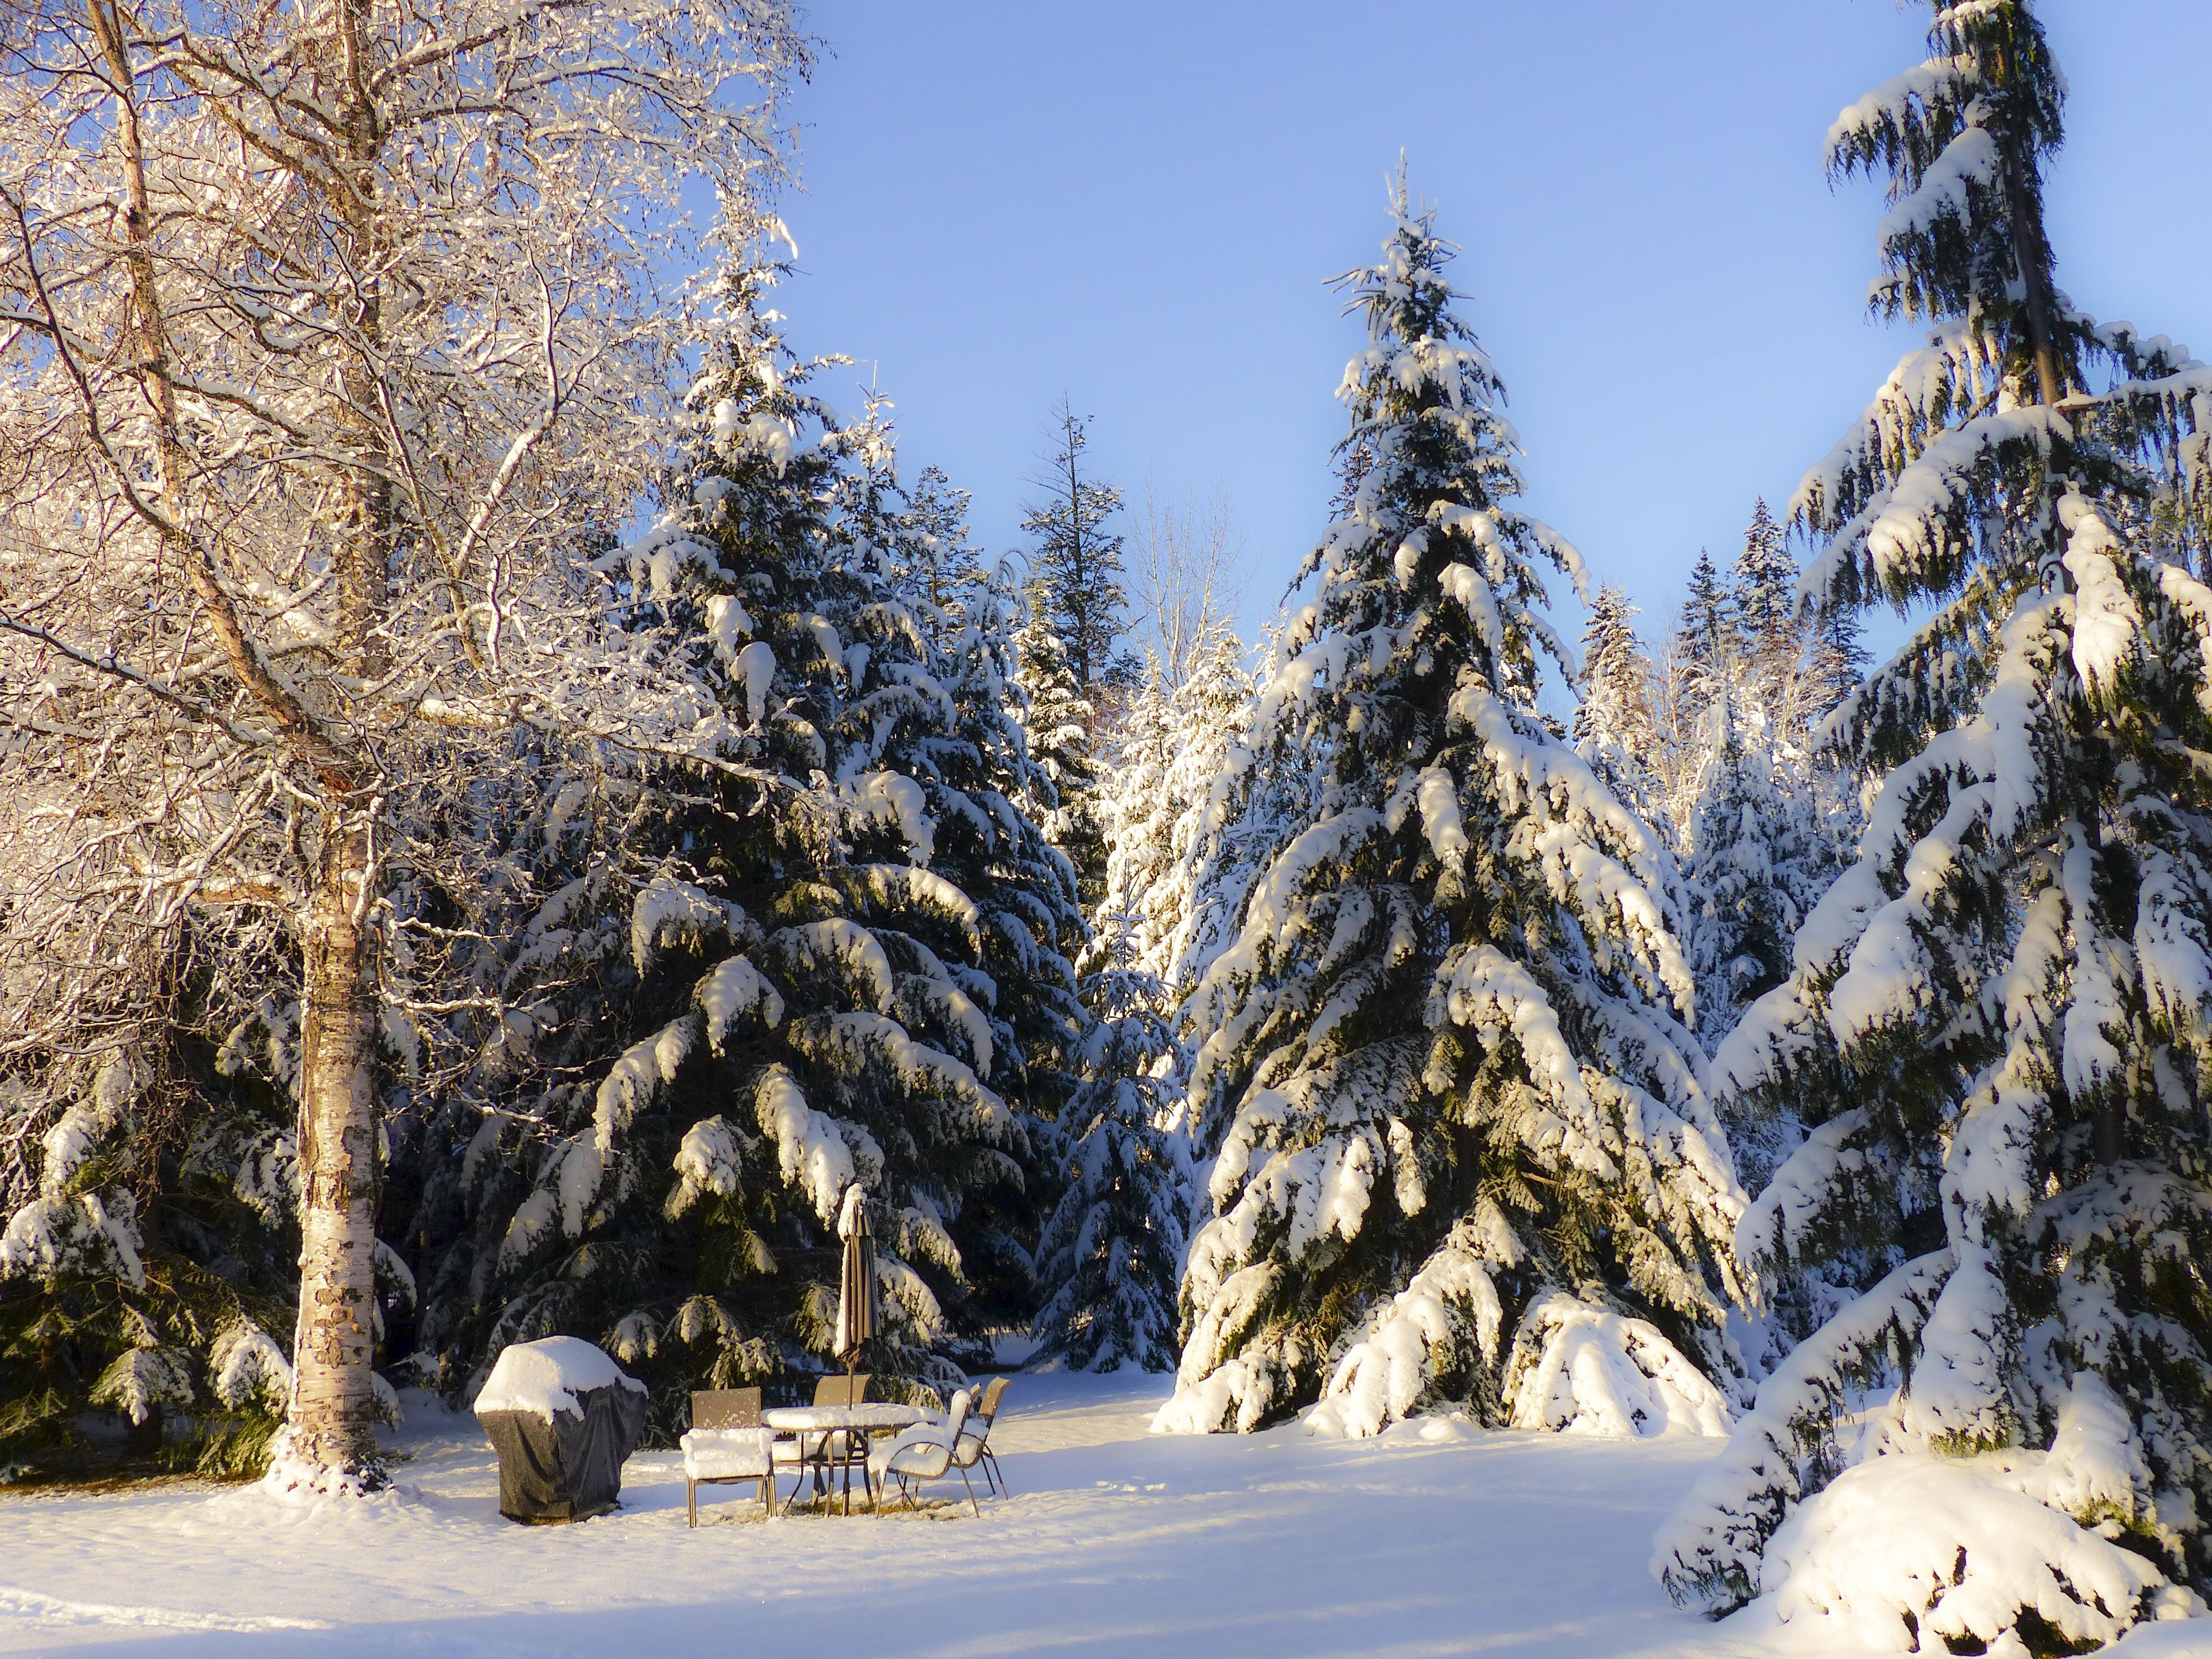 сорт, они, фото зимнего леса под новый год люди могут